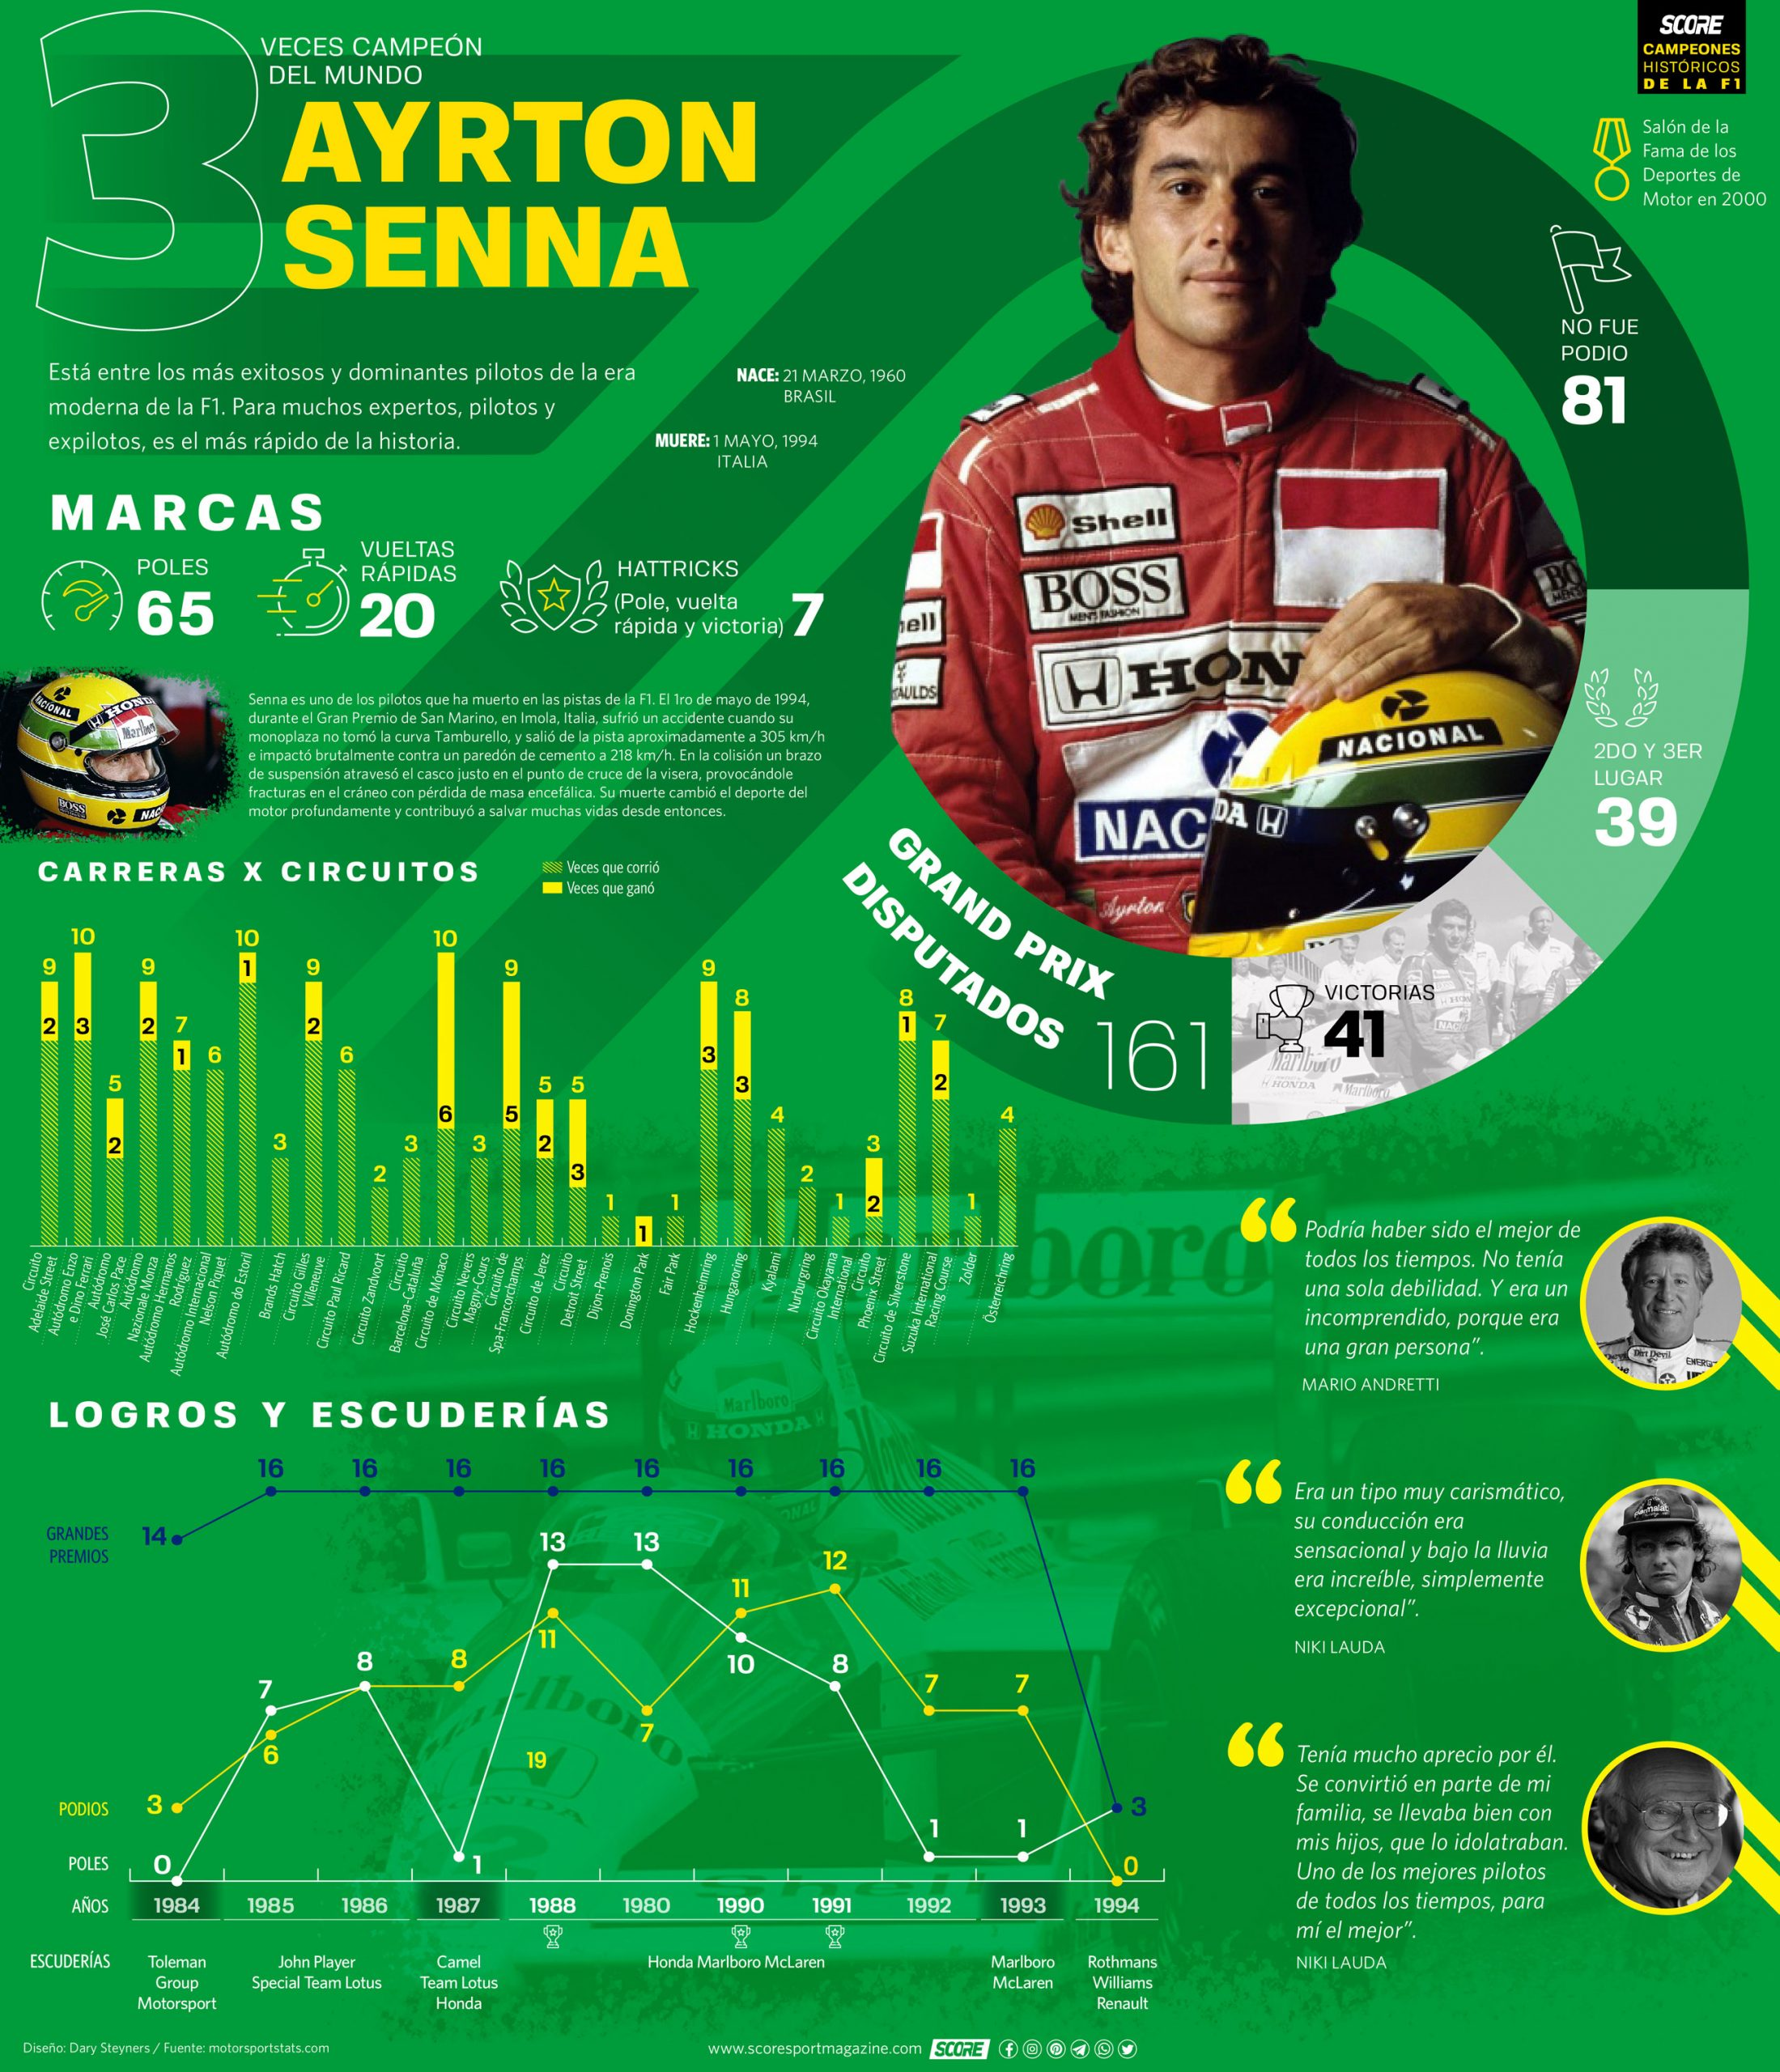 Ayrton Senna-Serie de infografías de Campeones Históricos de la Fórmula 1